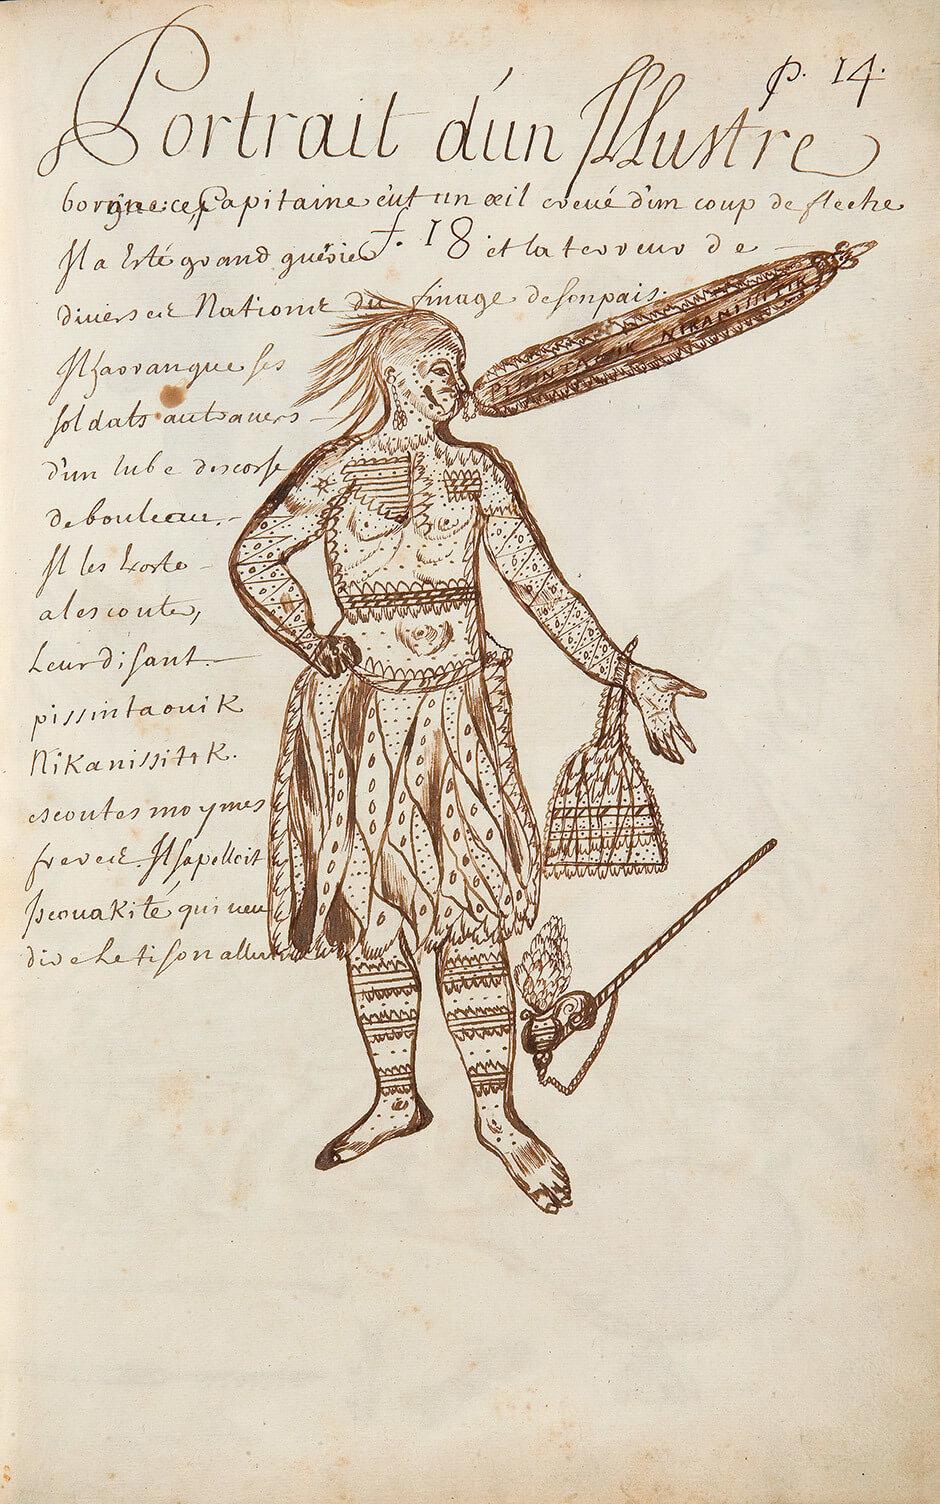 Louis Nicolas,Portrait of a Famous One-eyed Man, n.d.